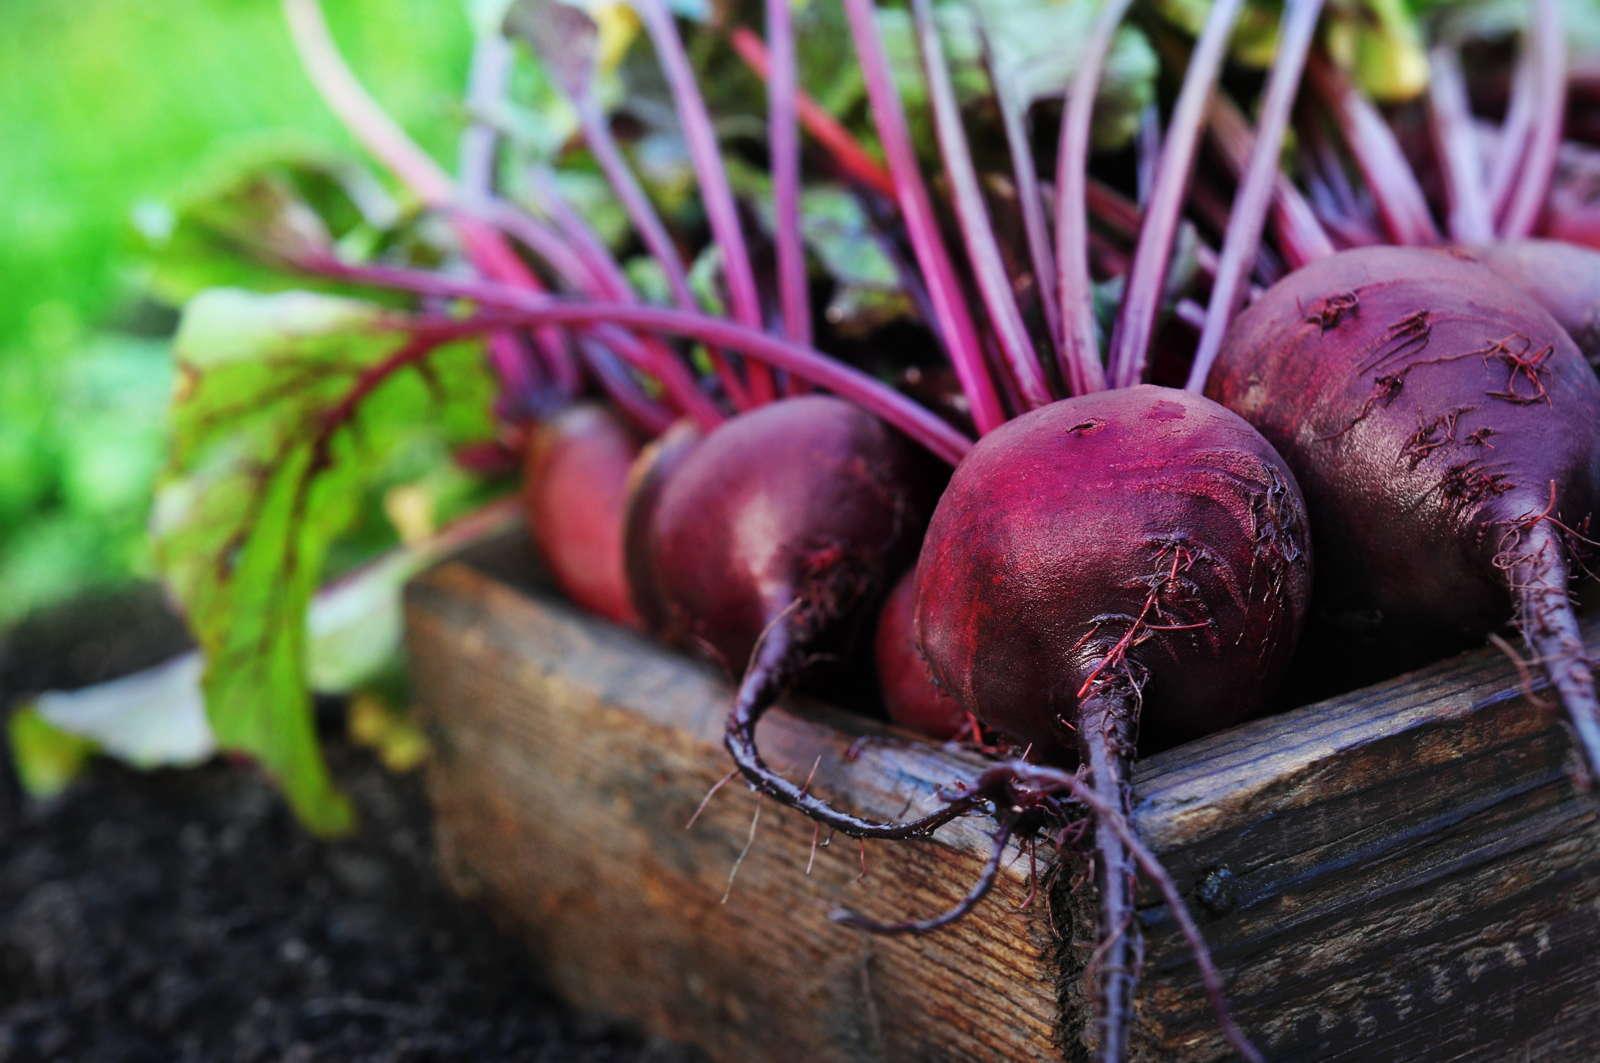 gem se im herbst anbauen die 10 besten pflanzen f r die nachkultur plantura. Black Bedroom Furniture Sets. Home Design Ideas